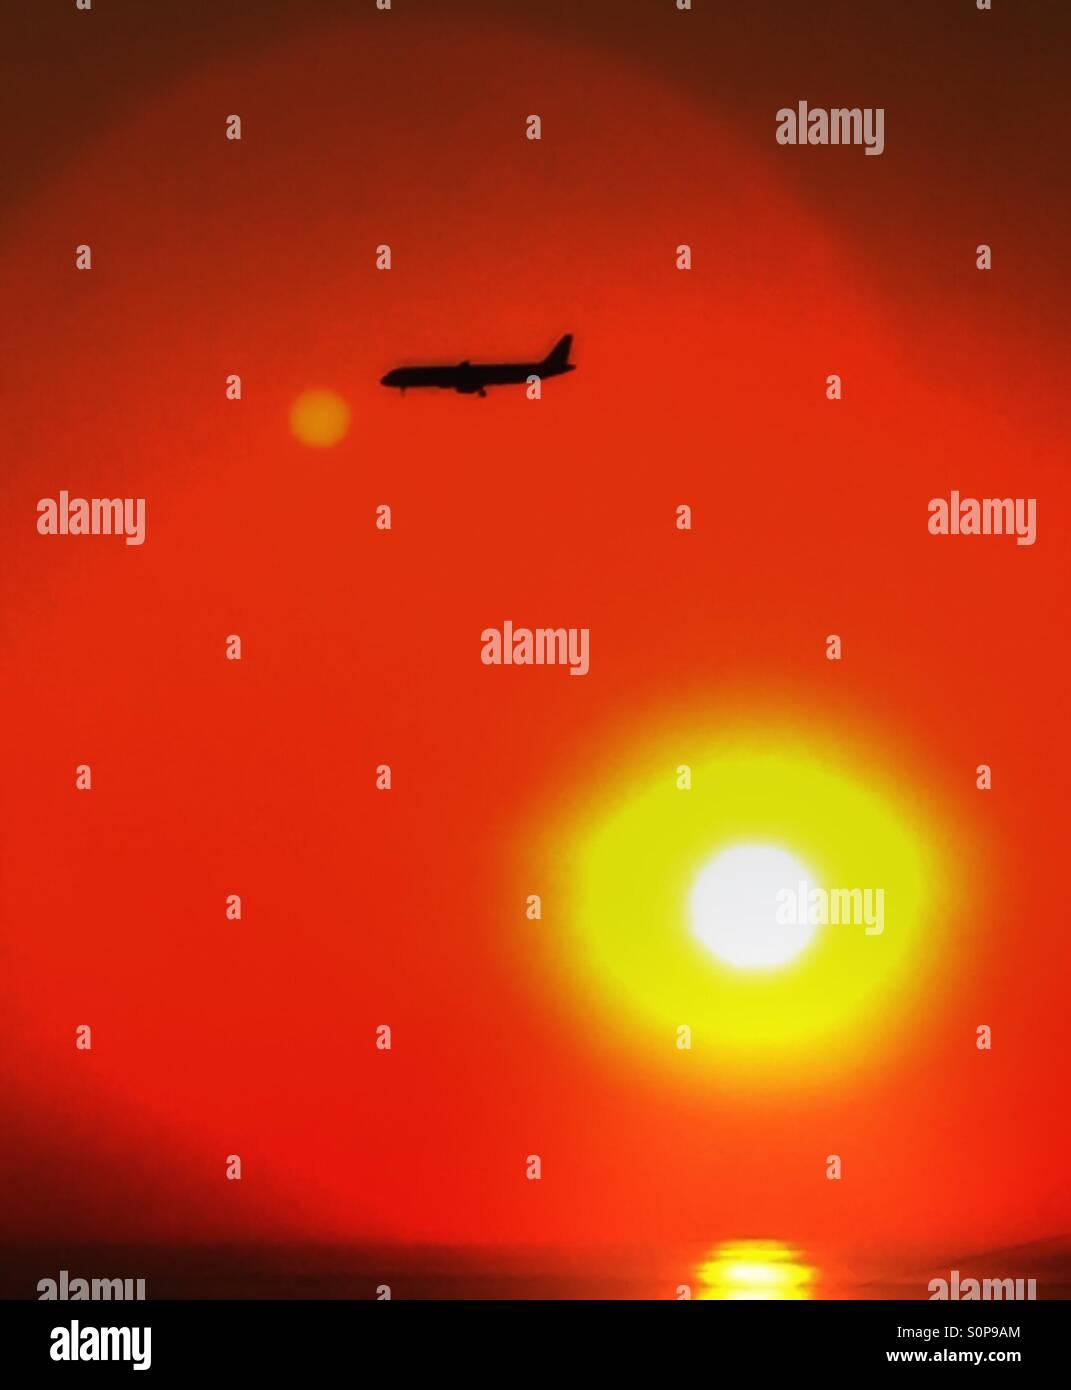 Airlines,airplane,sun,flair,sunset,Mediterranean-sea,water,landing,Beirut,lebanon - Stock Image